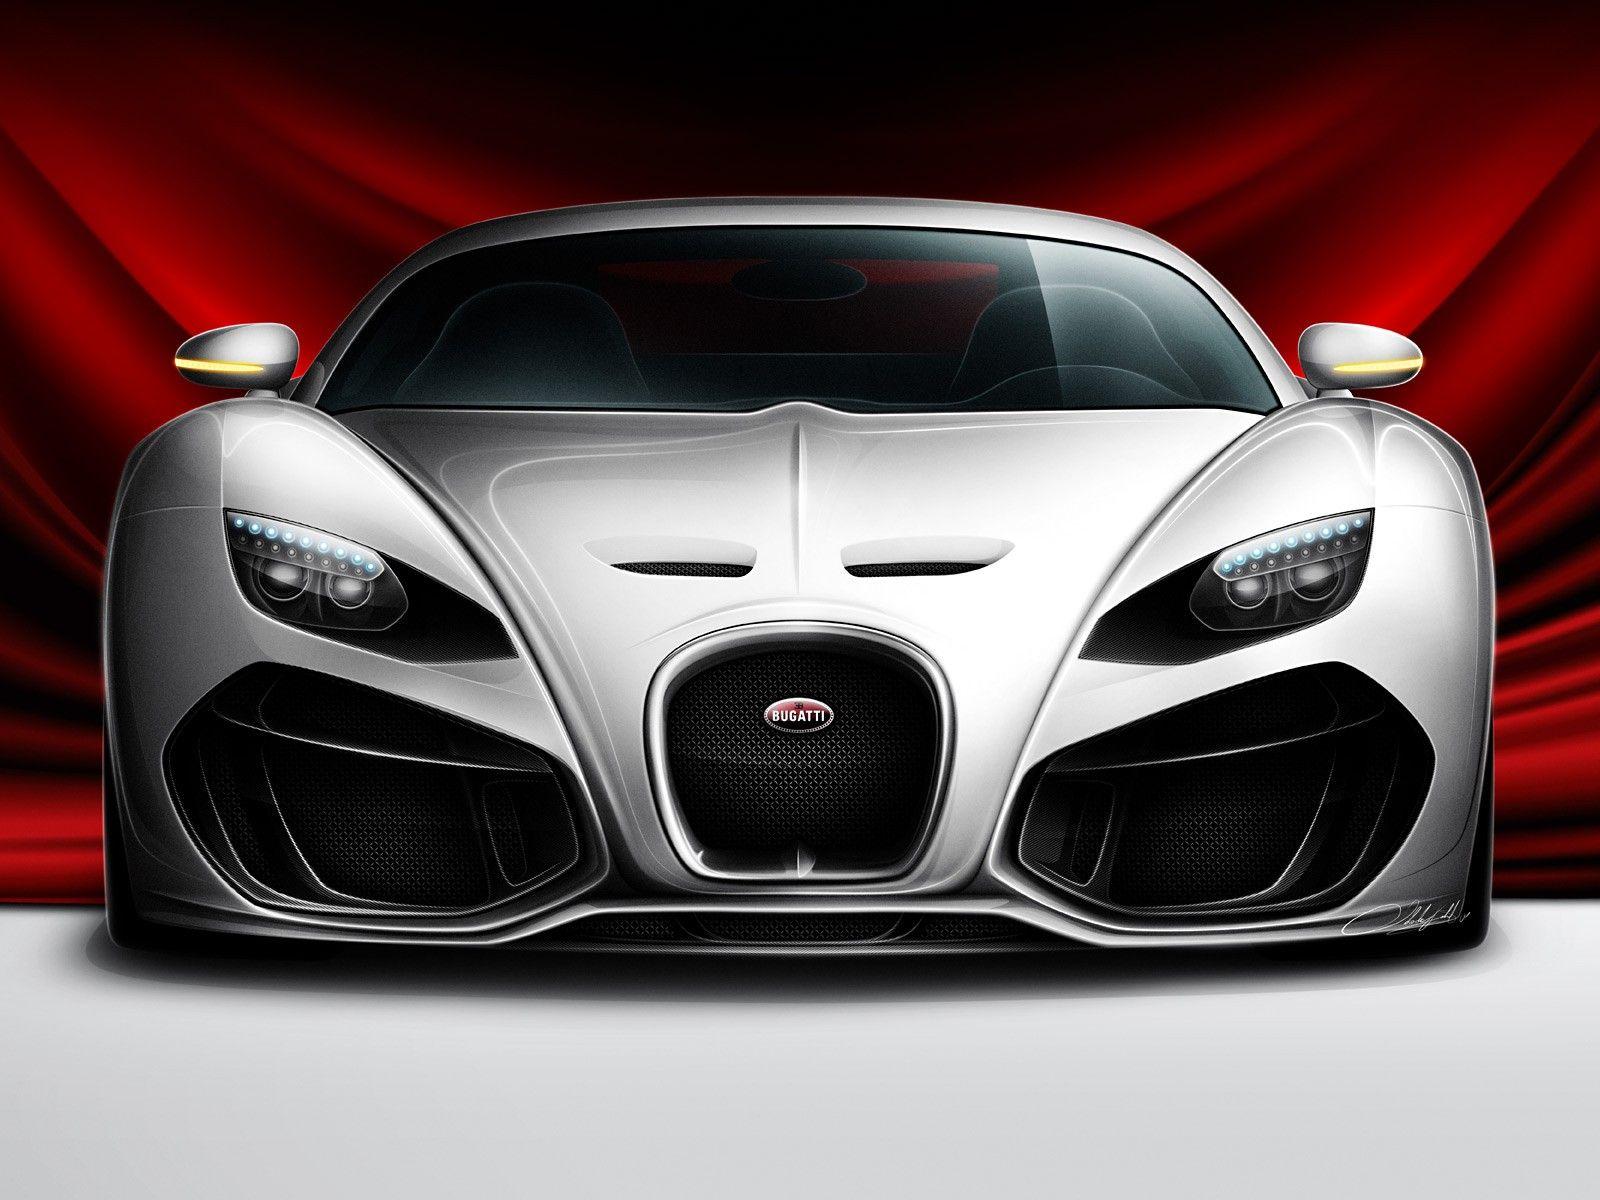 Bugatti Venom Concept Car Hd Wall Sportwagen Bugatti Veyron